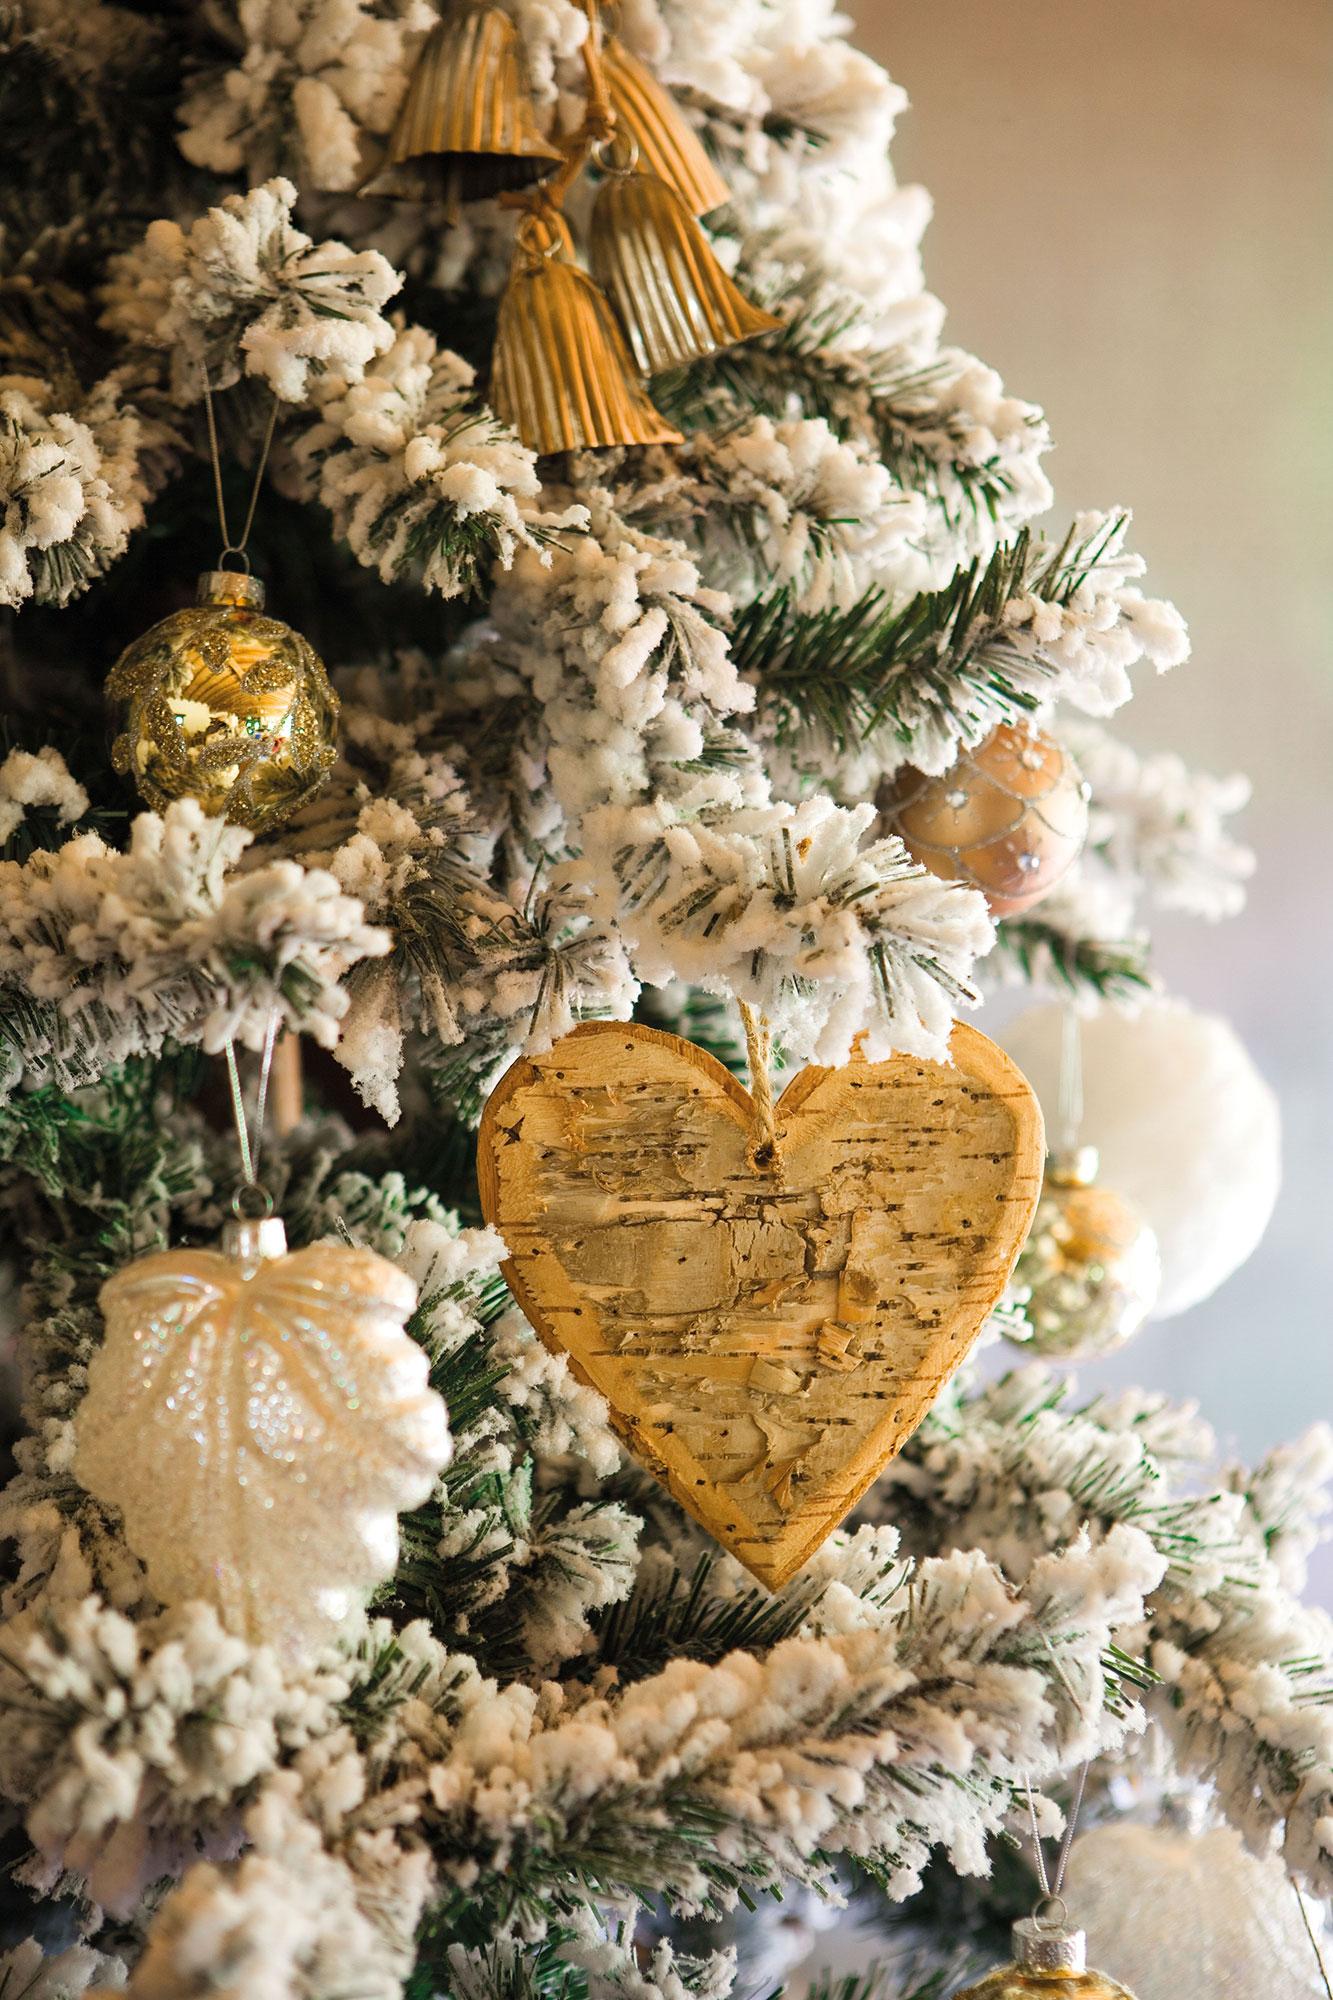 detalle de adornos navideos en blanco y dorado en rbol nevado